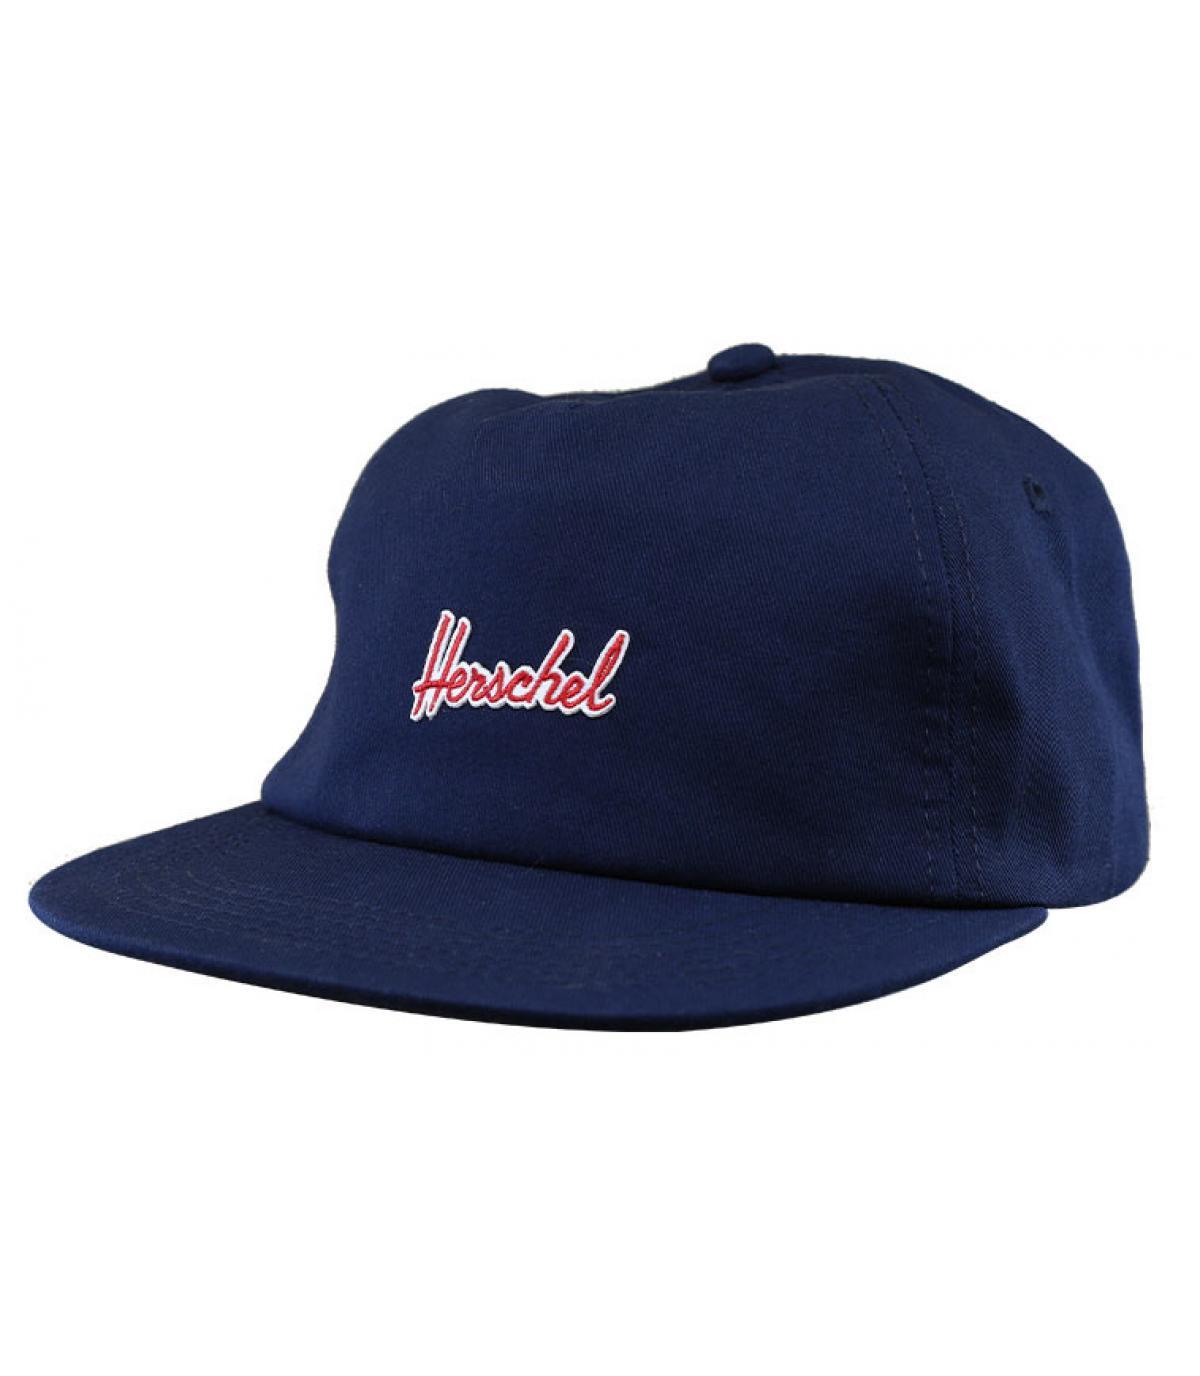 Cap Herschel marineblau